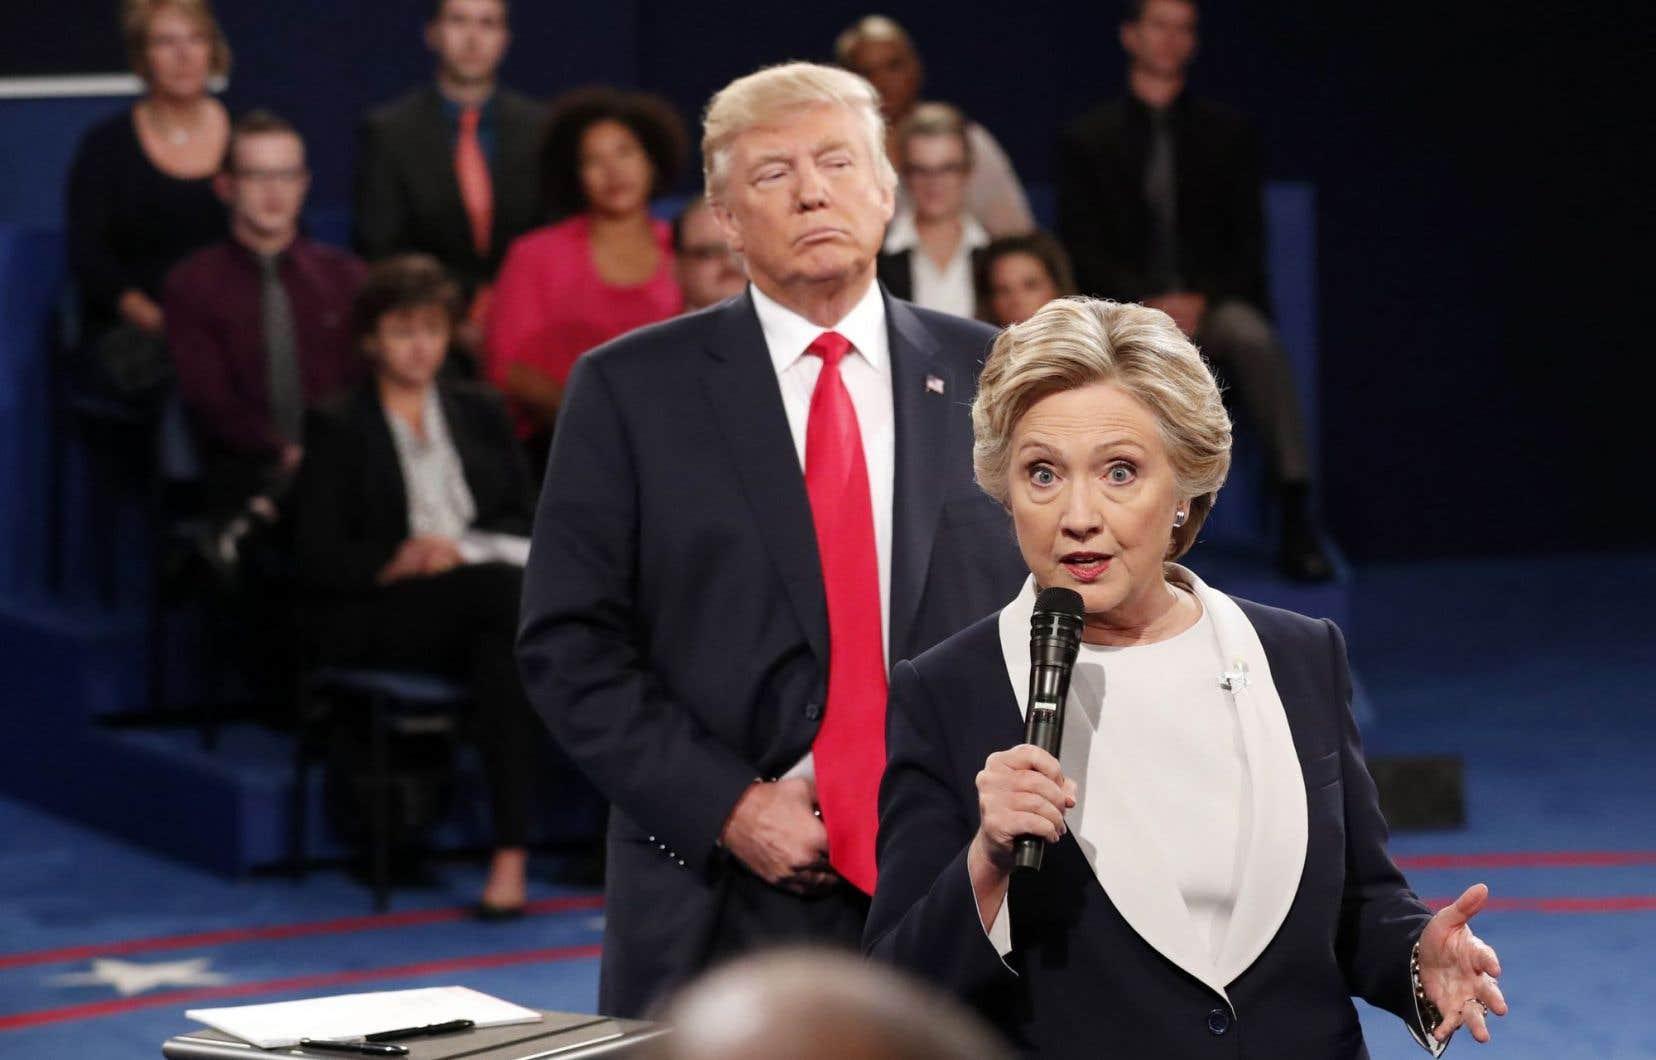 Hillary Clinton et Donald Trump lors du deuxième débat présidentiel à l'Université de Washington à Saint-Louis, le dimanche 9 octobre 2016